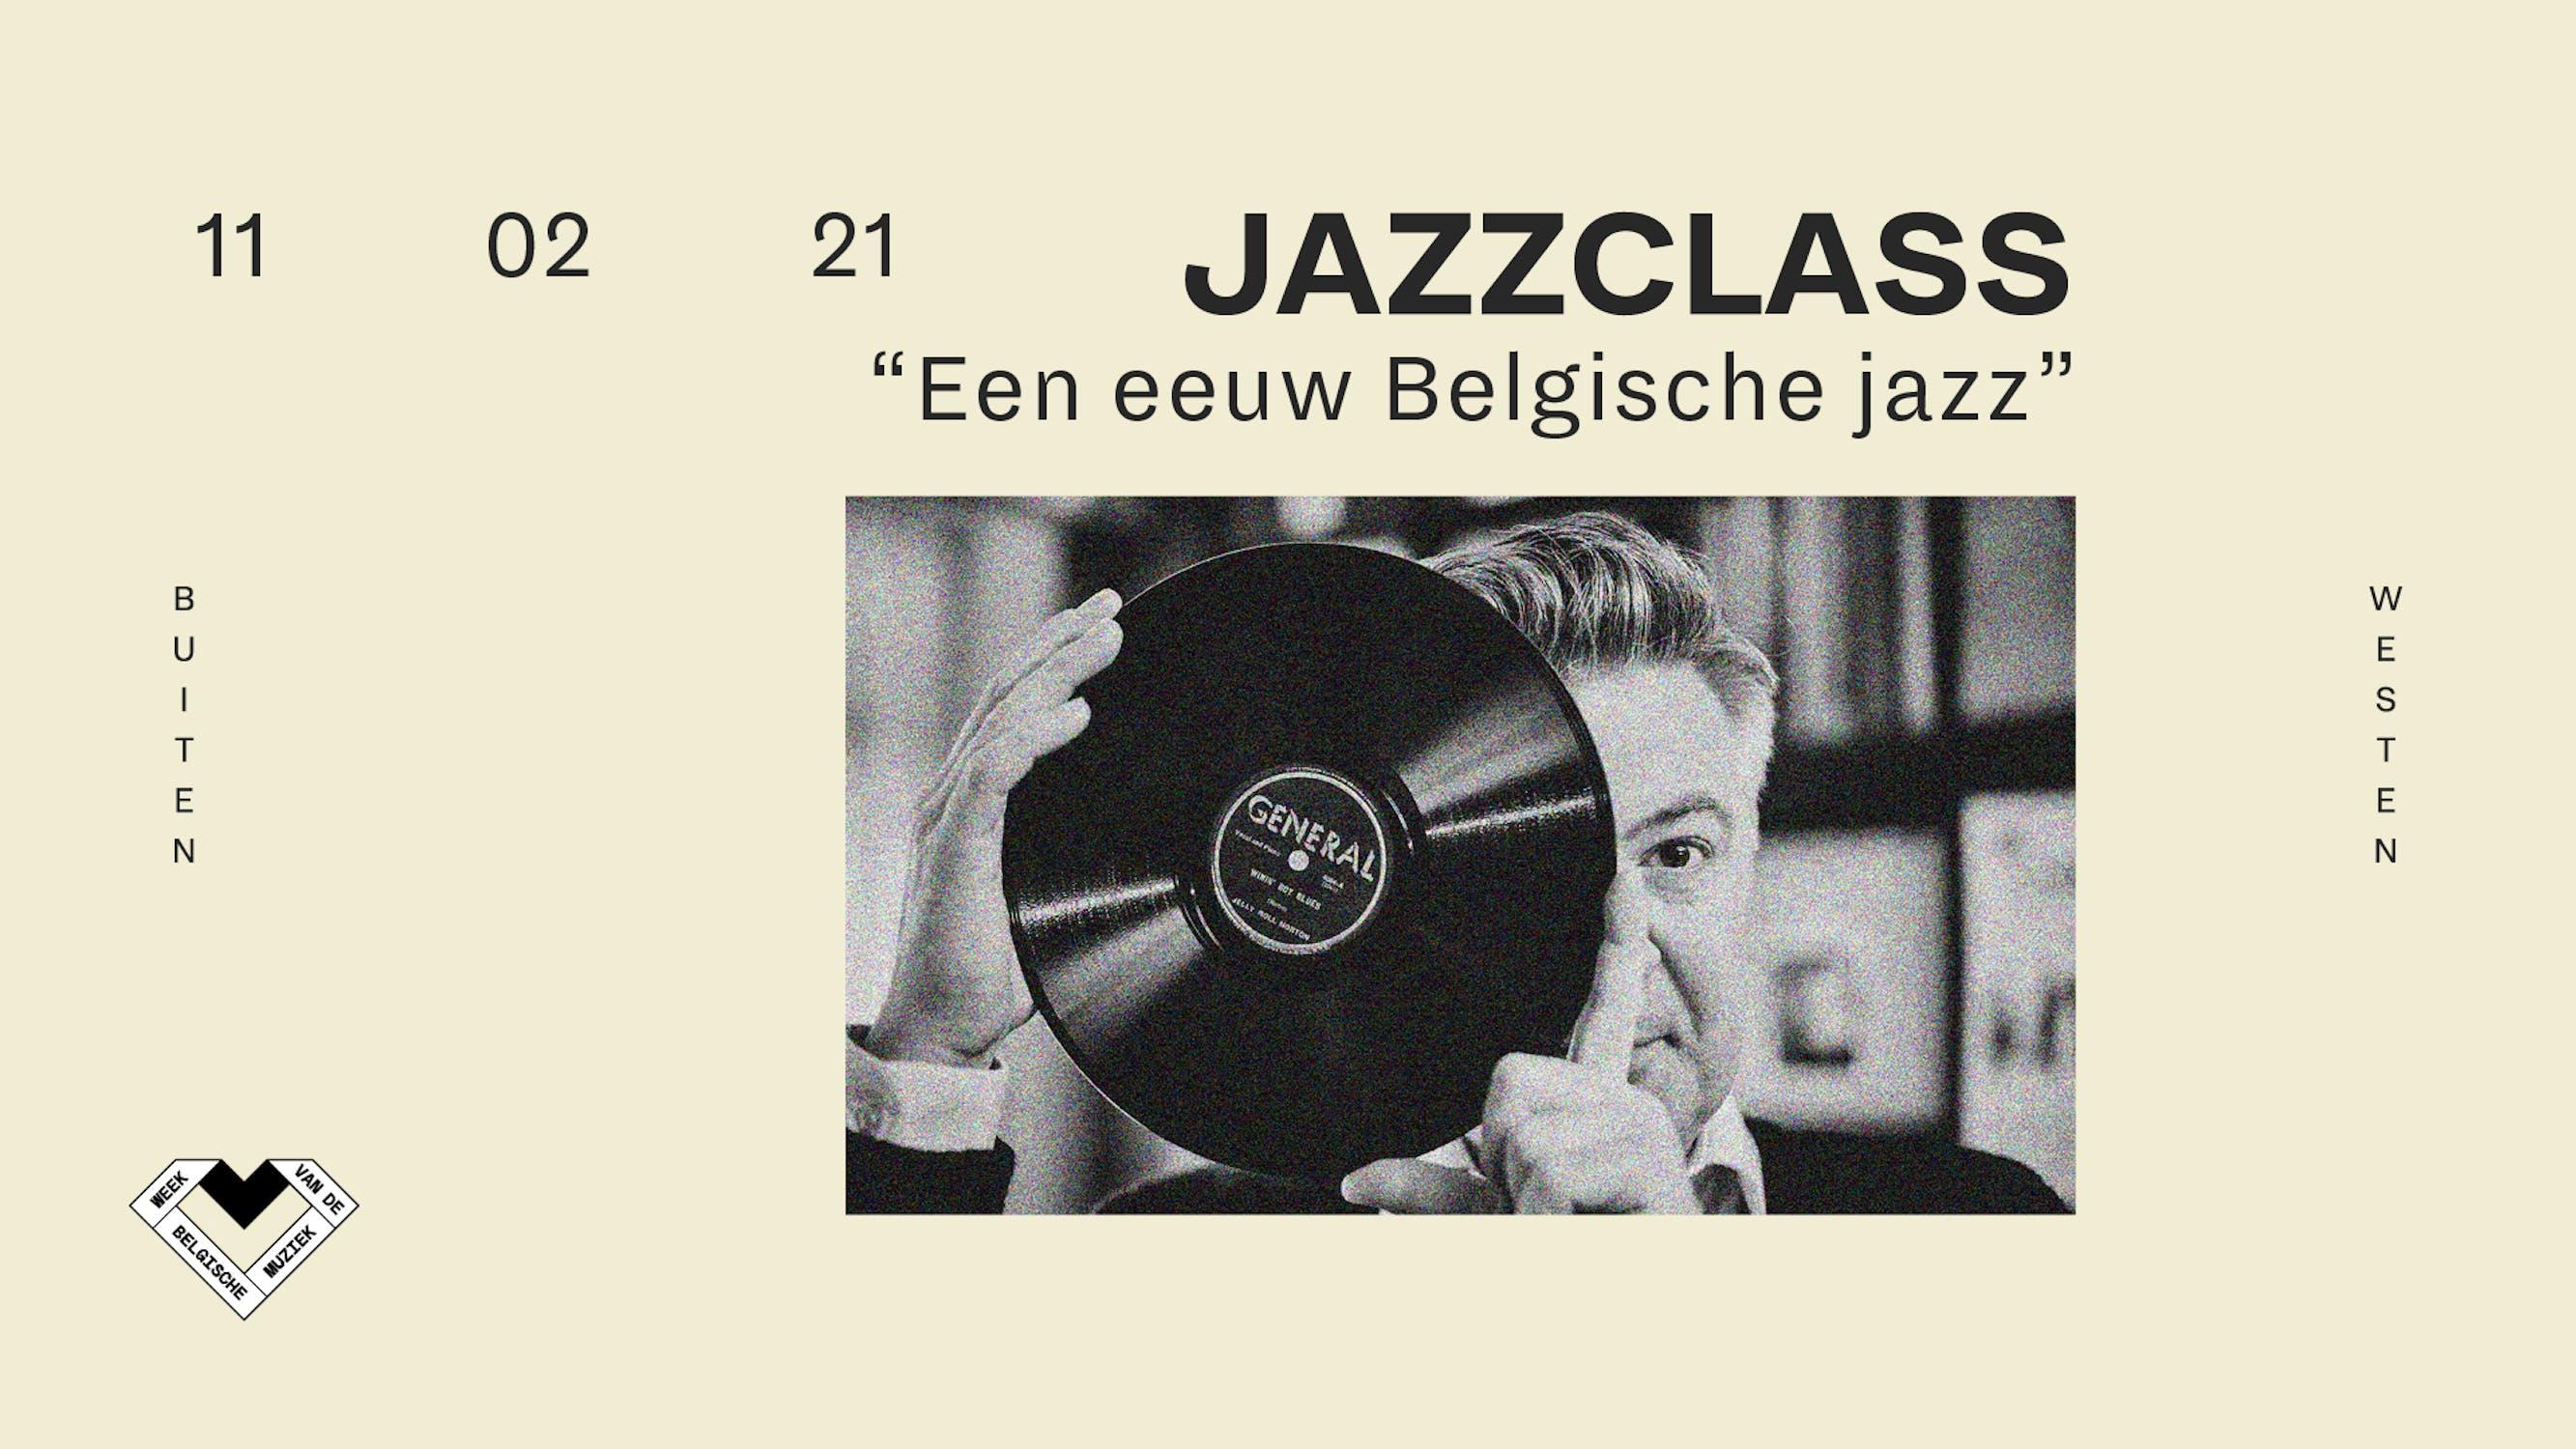 Wilde Westen en Muziekcentrum Track tonen hun hart voor de Belgische muziek